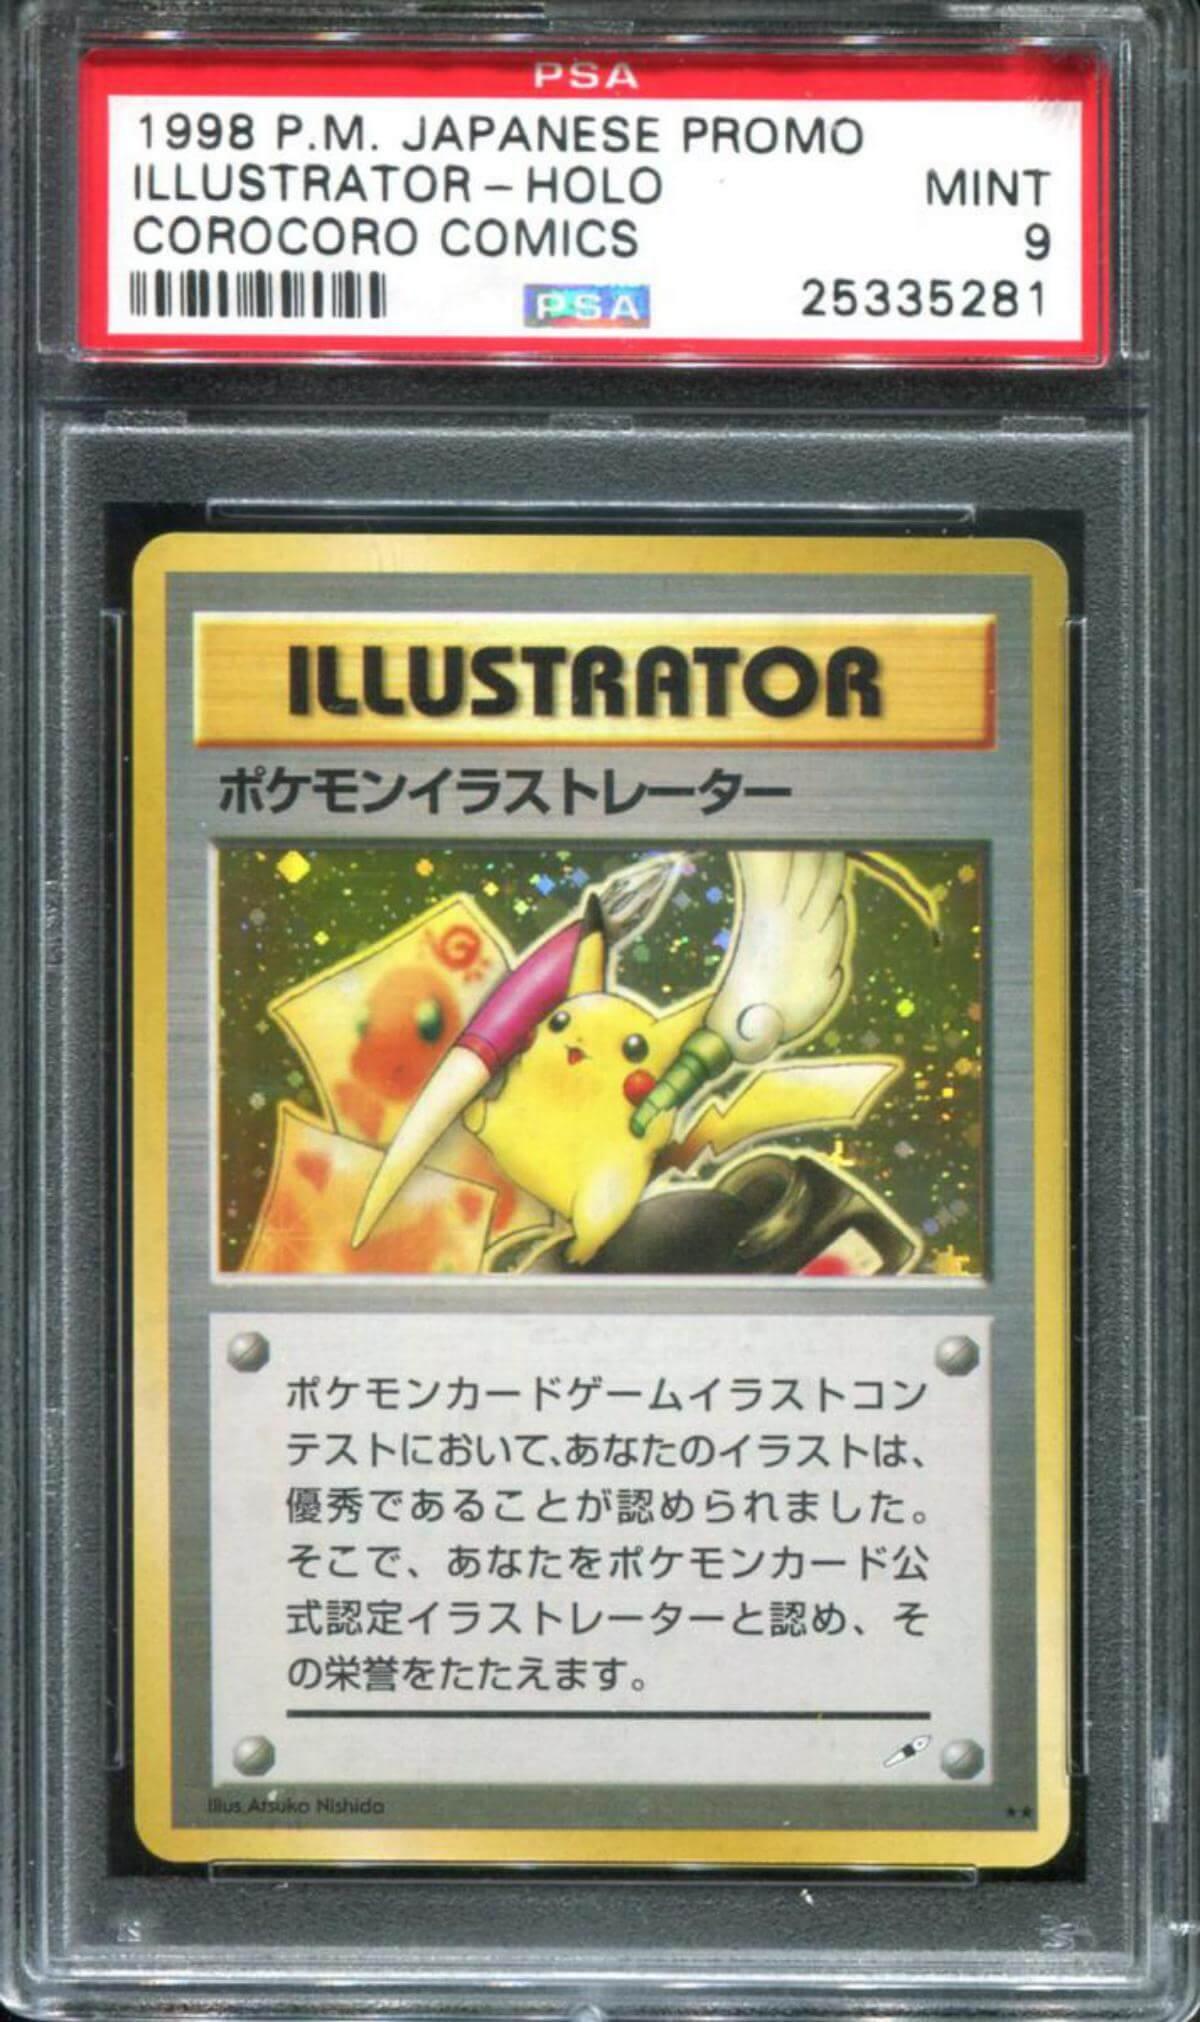 Pikachu Illustrador front